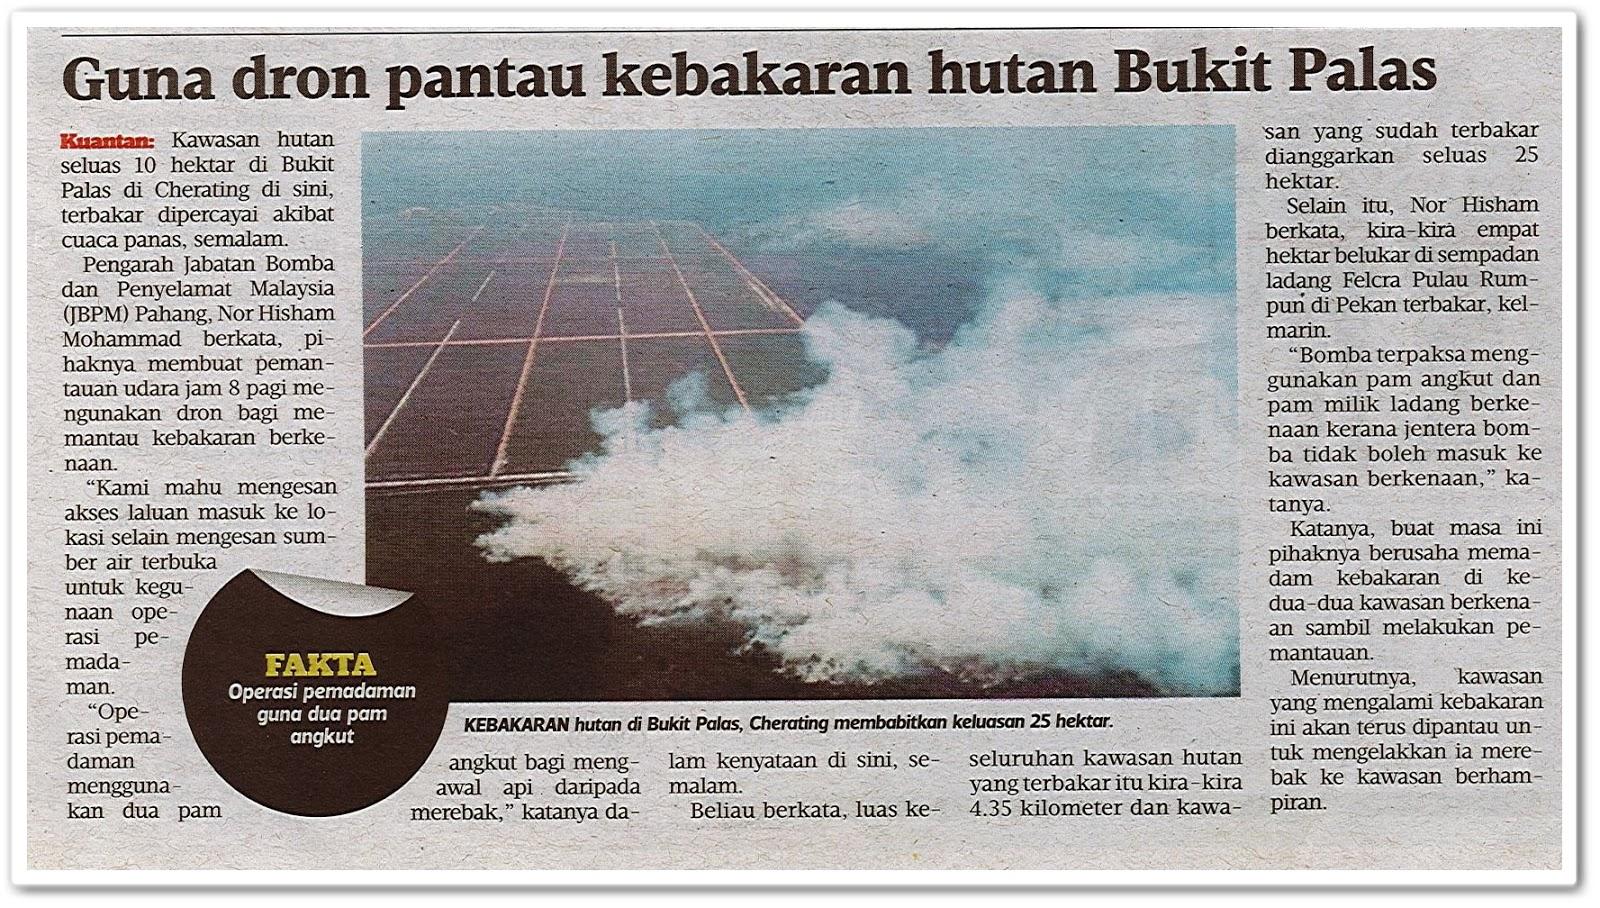 Guna dron pantau kebakaran hutan Bukit Palas - Keratan akhbar Harian Metro 7 Ogos 2019